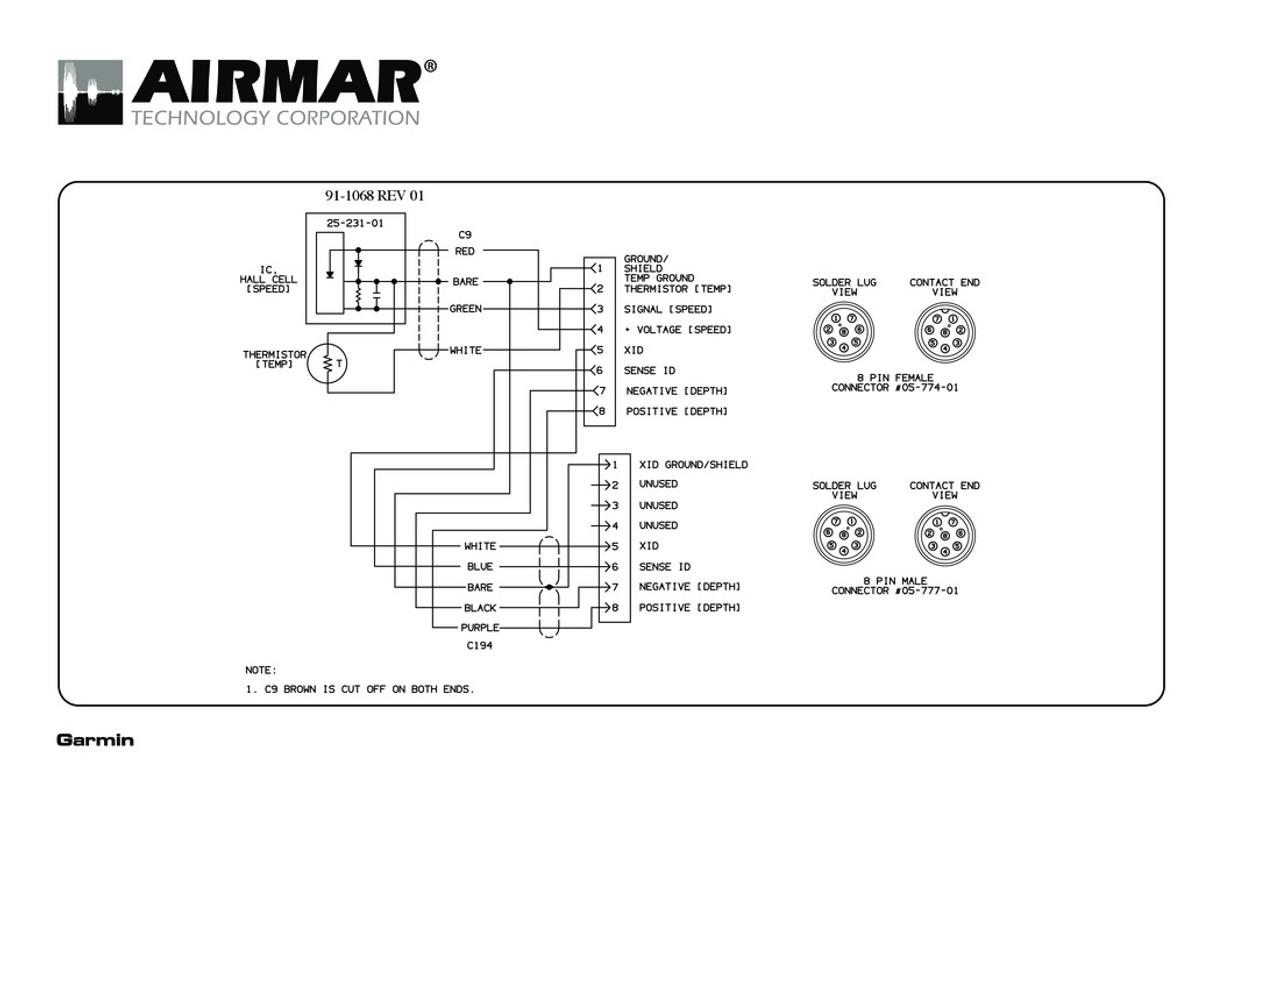 airmar wiring diagram garmin st850 8 pin s t blue bottle marine 4 pin din plug garmin 4 pin wiring diagram [ 1100 x 850 Pixel ]